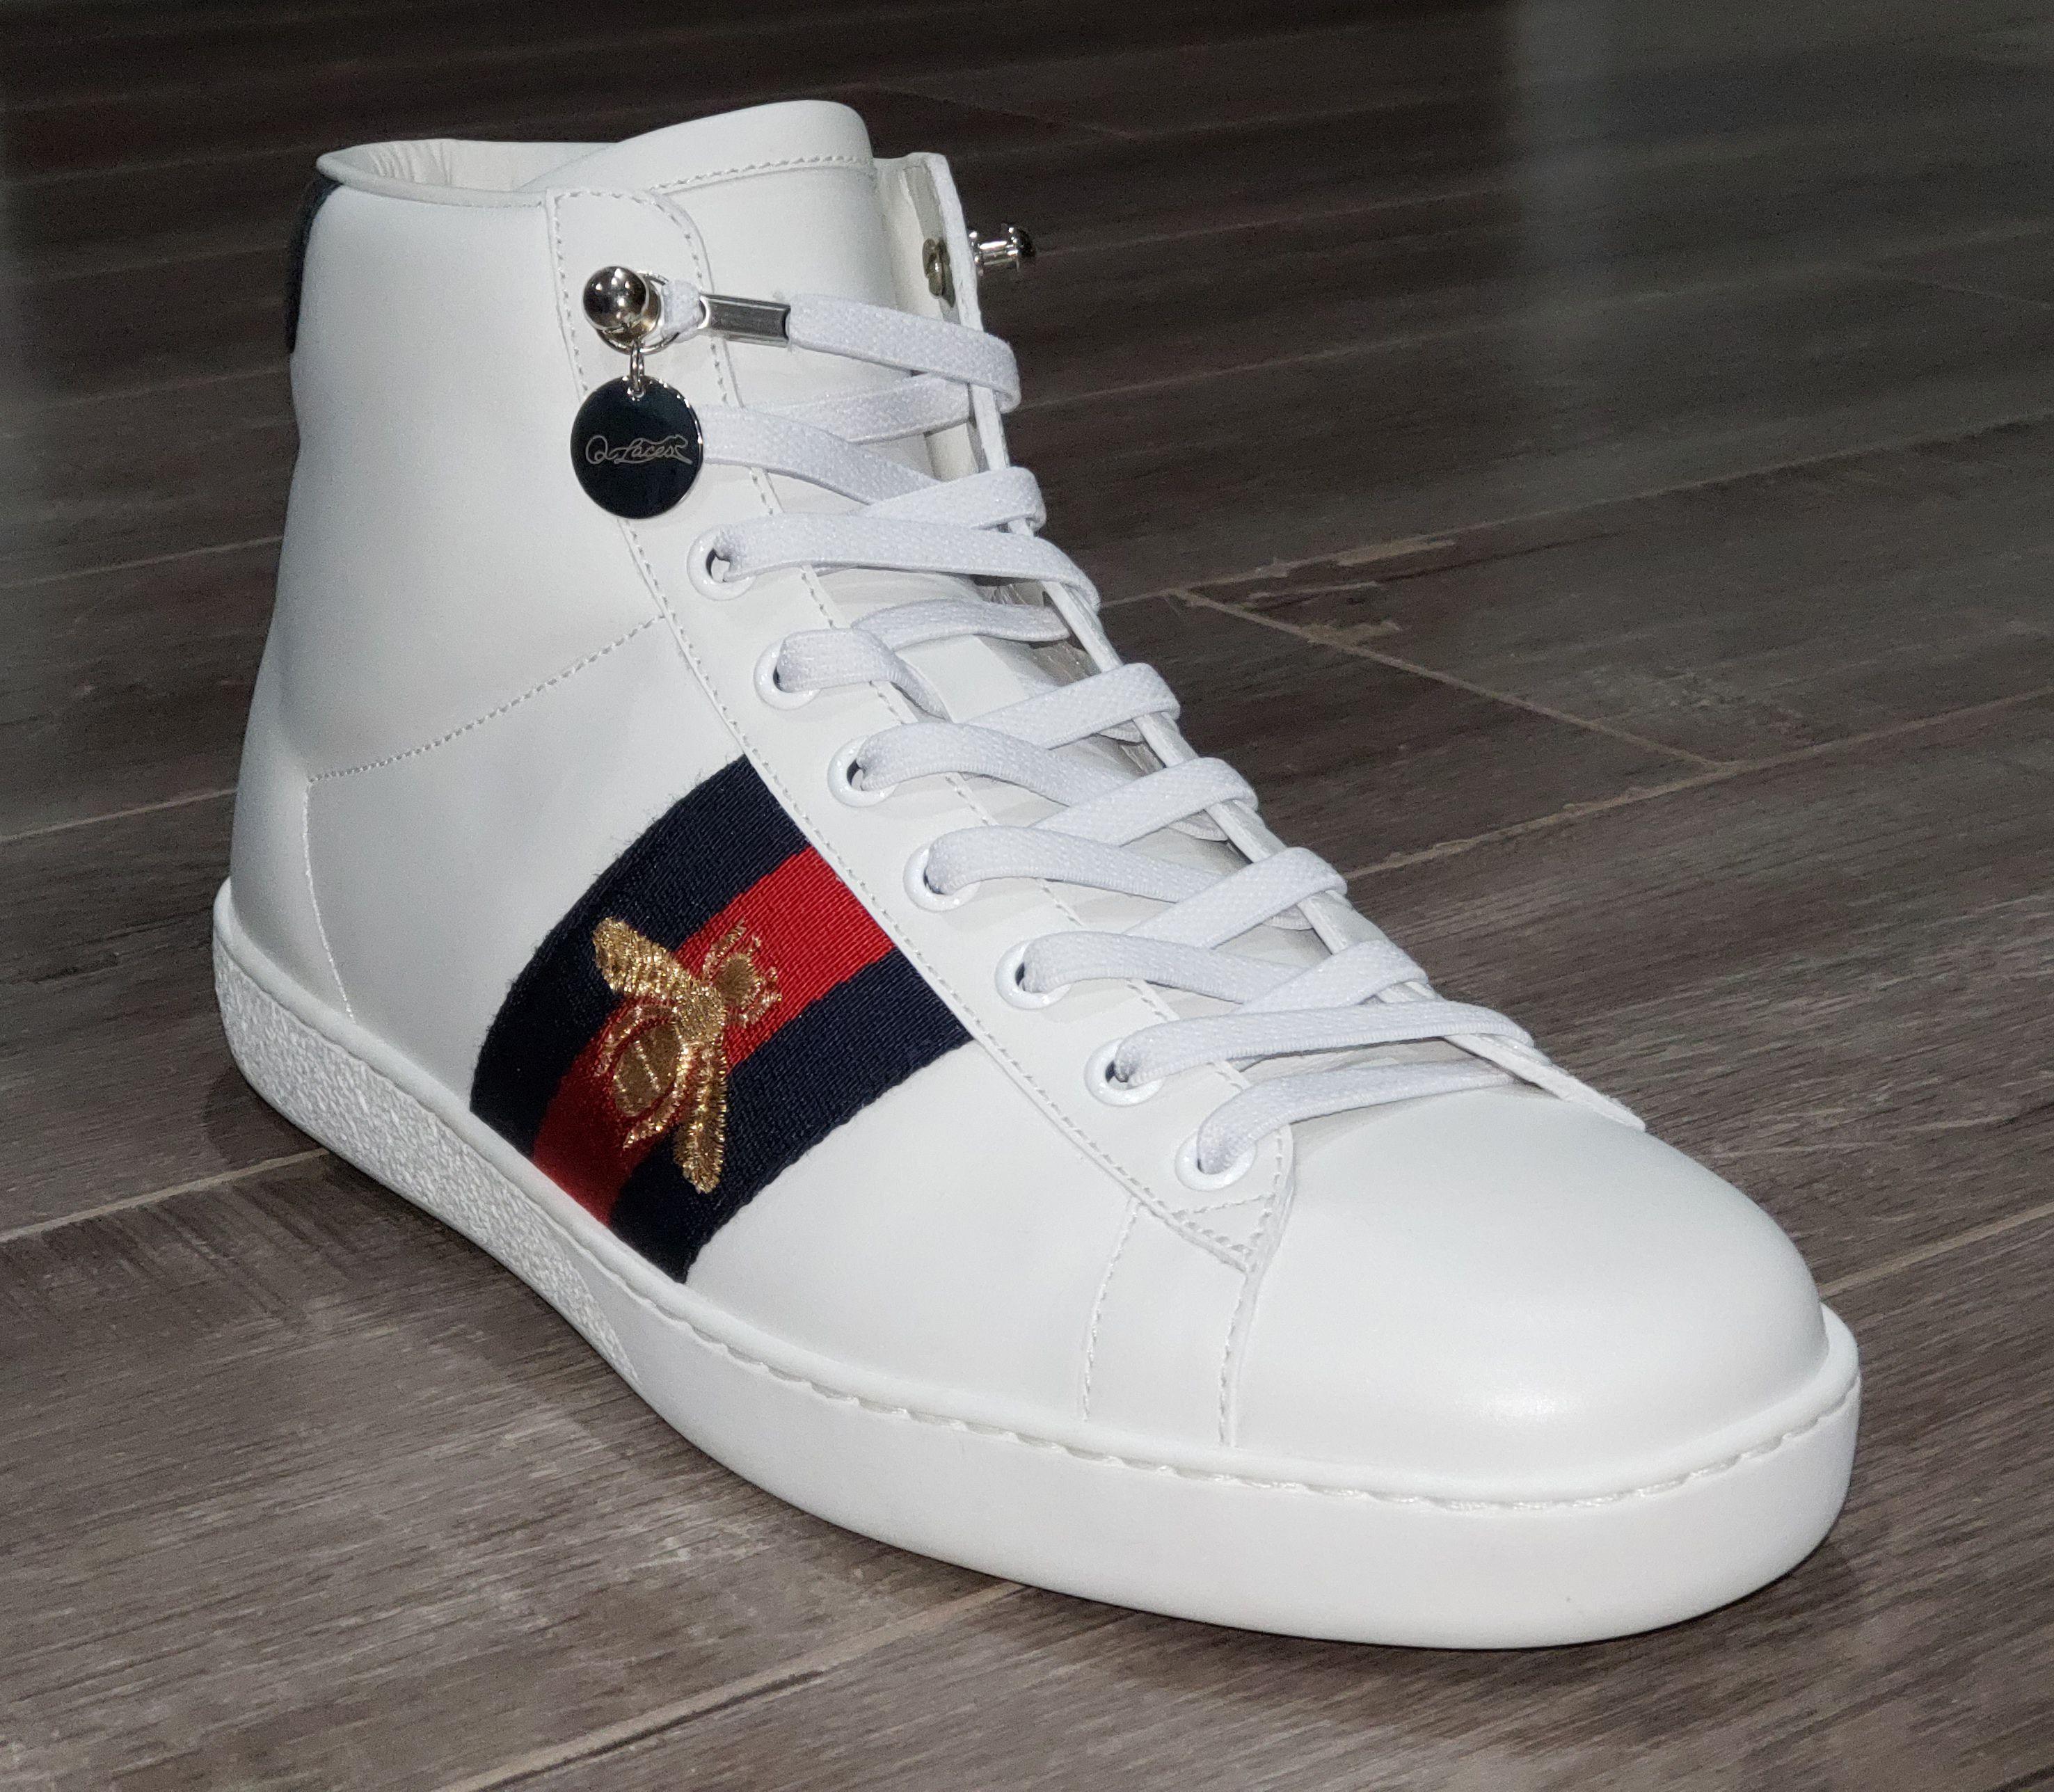 875a19e9e No Tie Shoelaces on Gucci High Top Sneaker for Men | No Tie ...